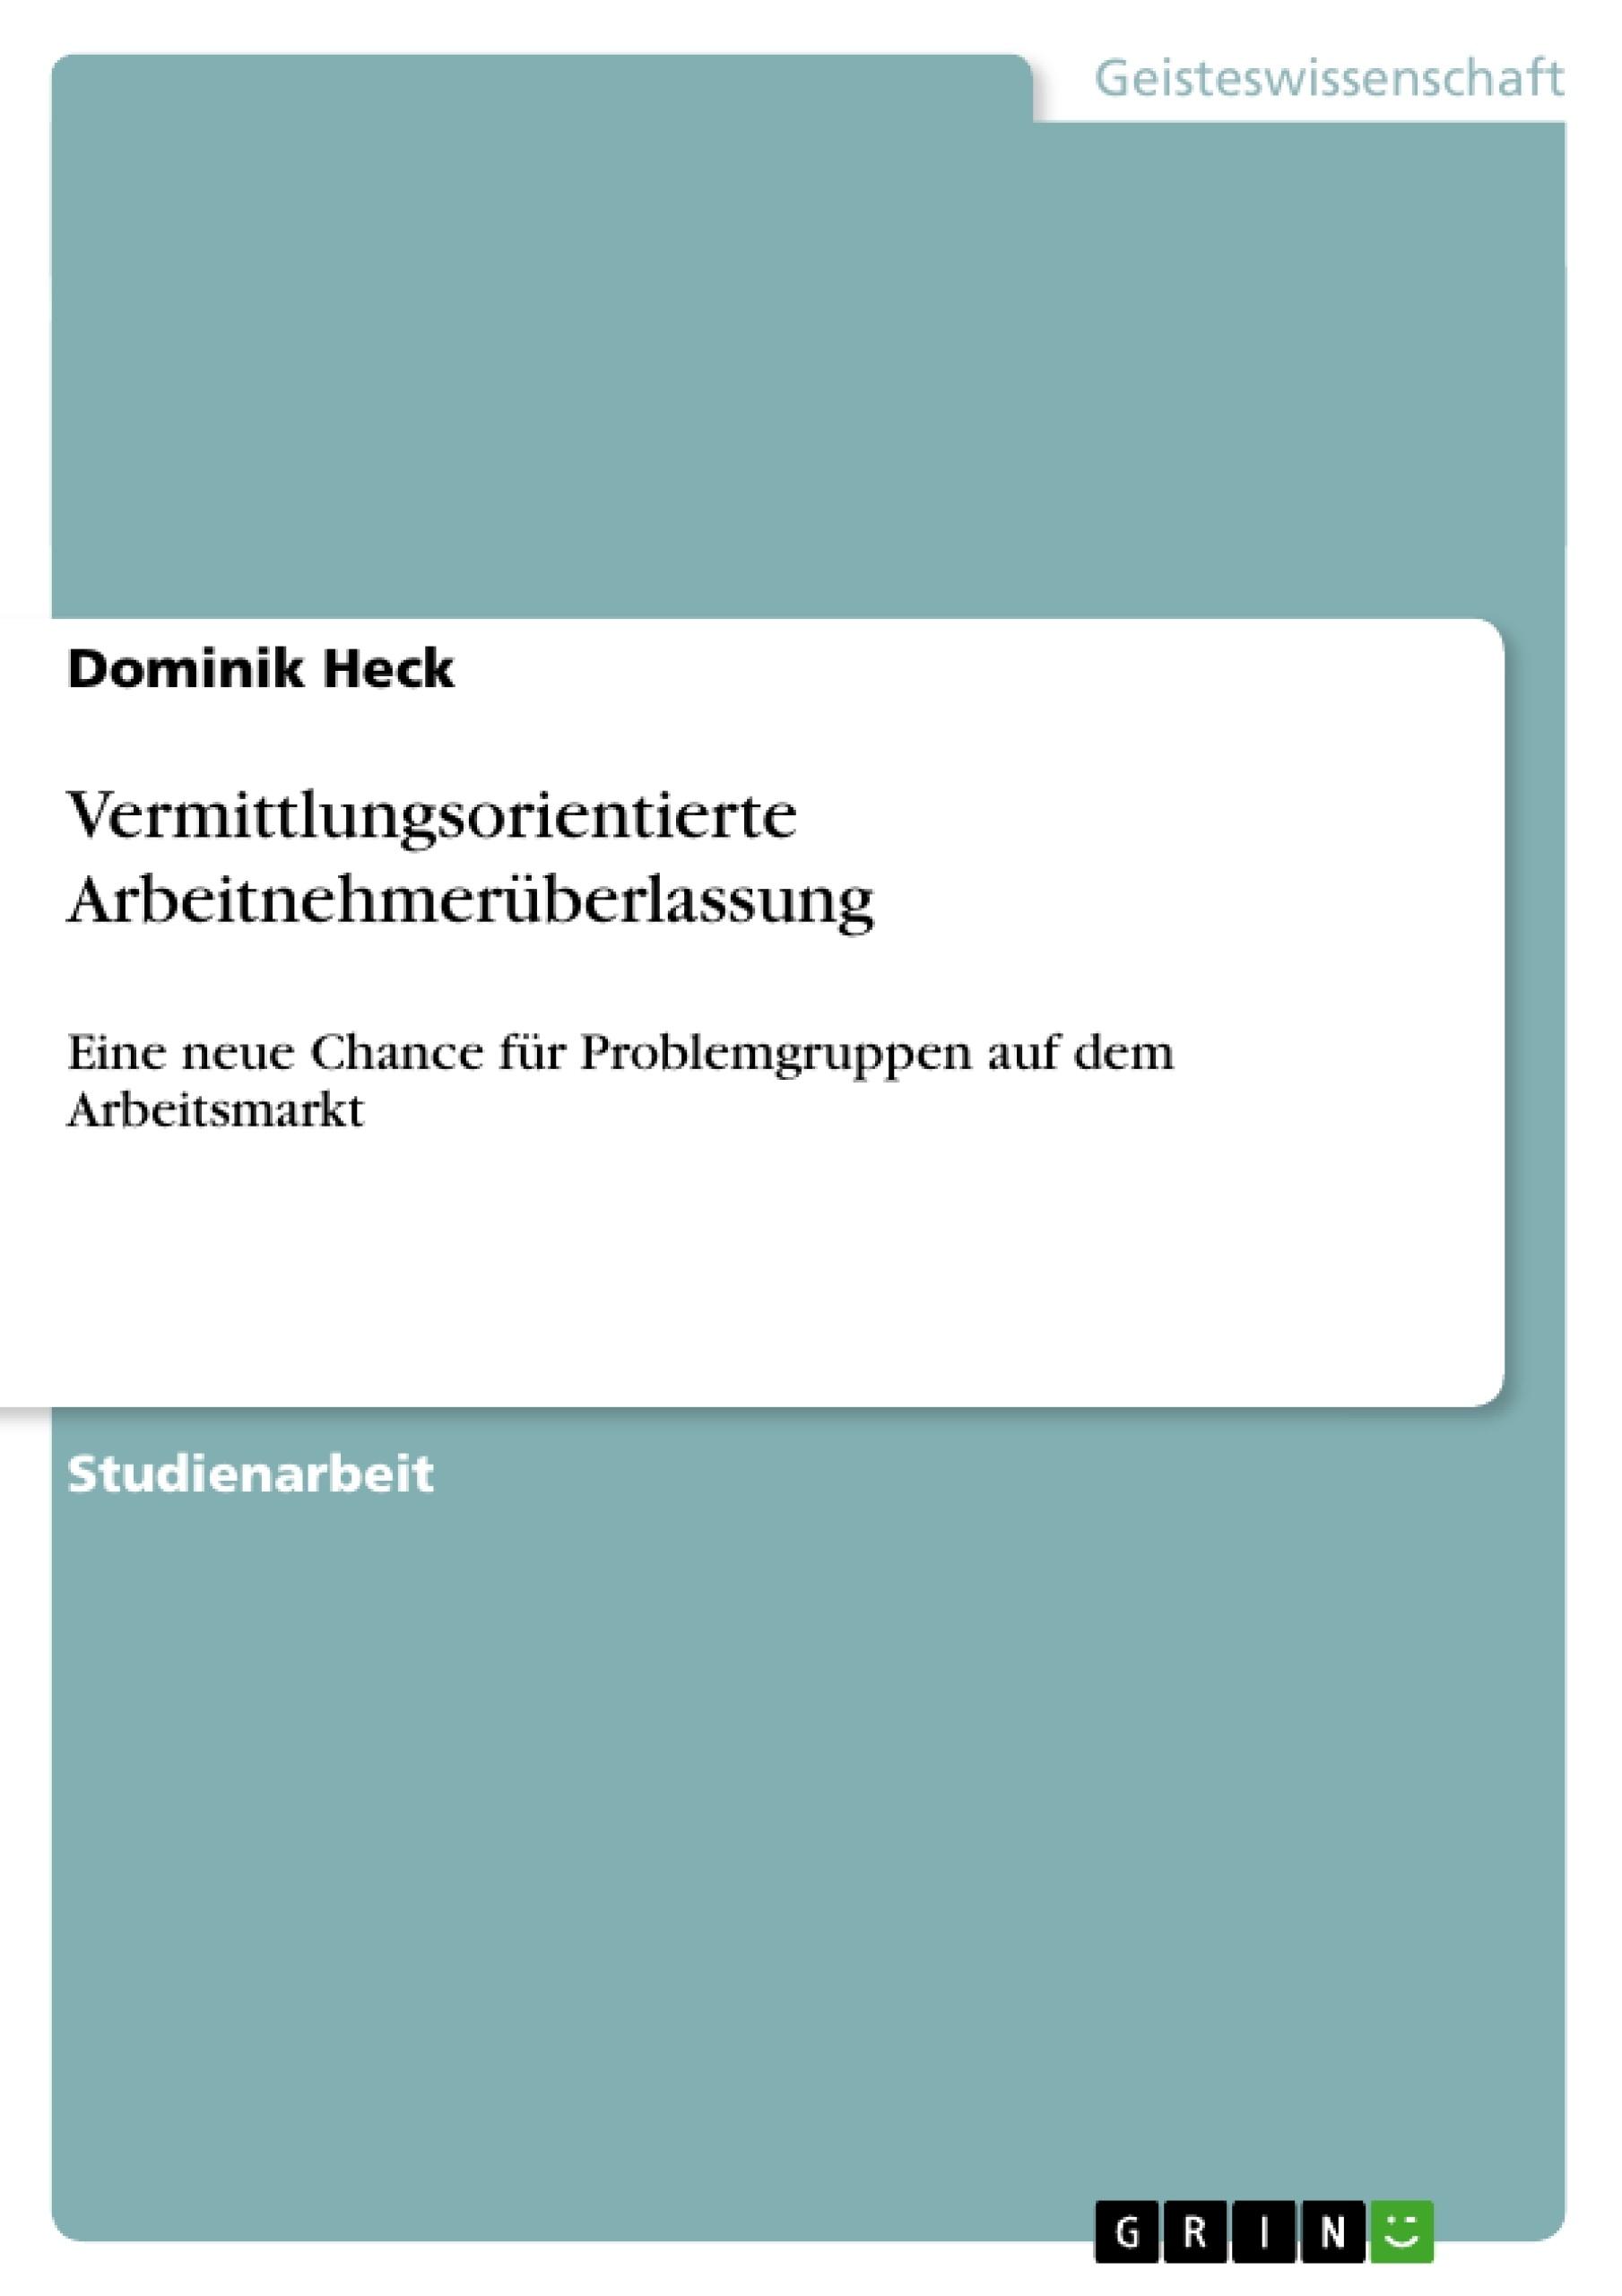 Titel: Vermittlungsorientierte Arbeitnehmerüberlassung